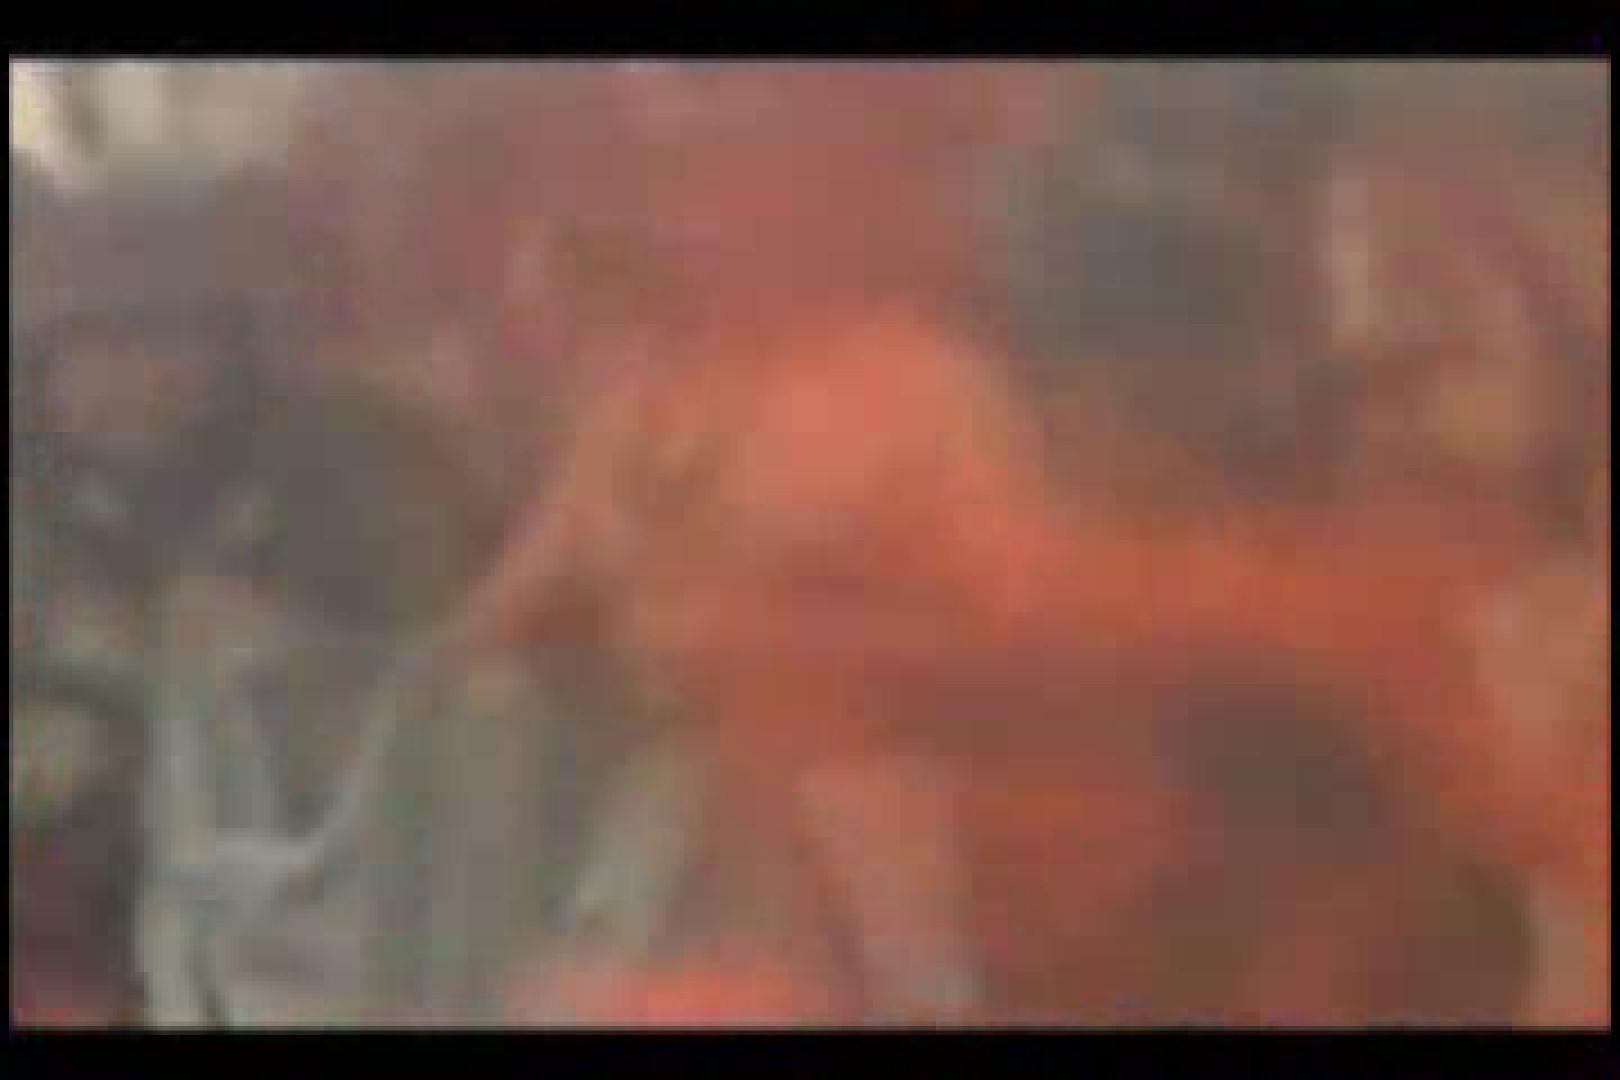 陰間茶屋 男児祭り VOL.1 男まつり ゲイヌード画像 90枚 69